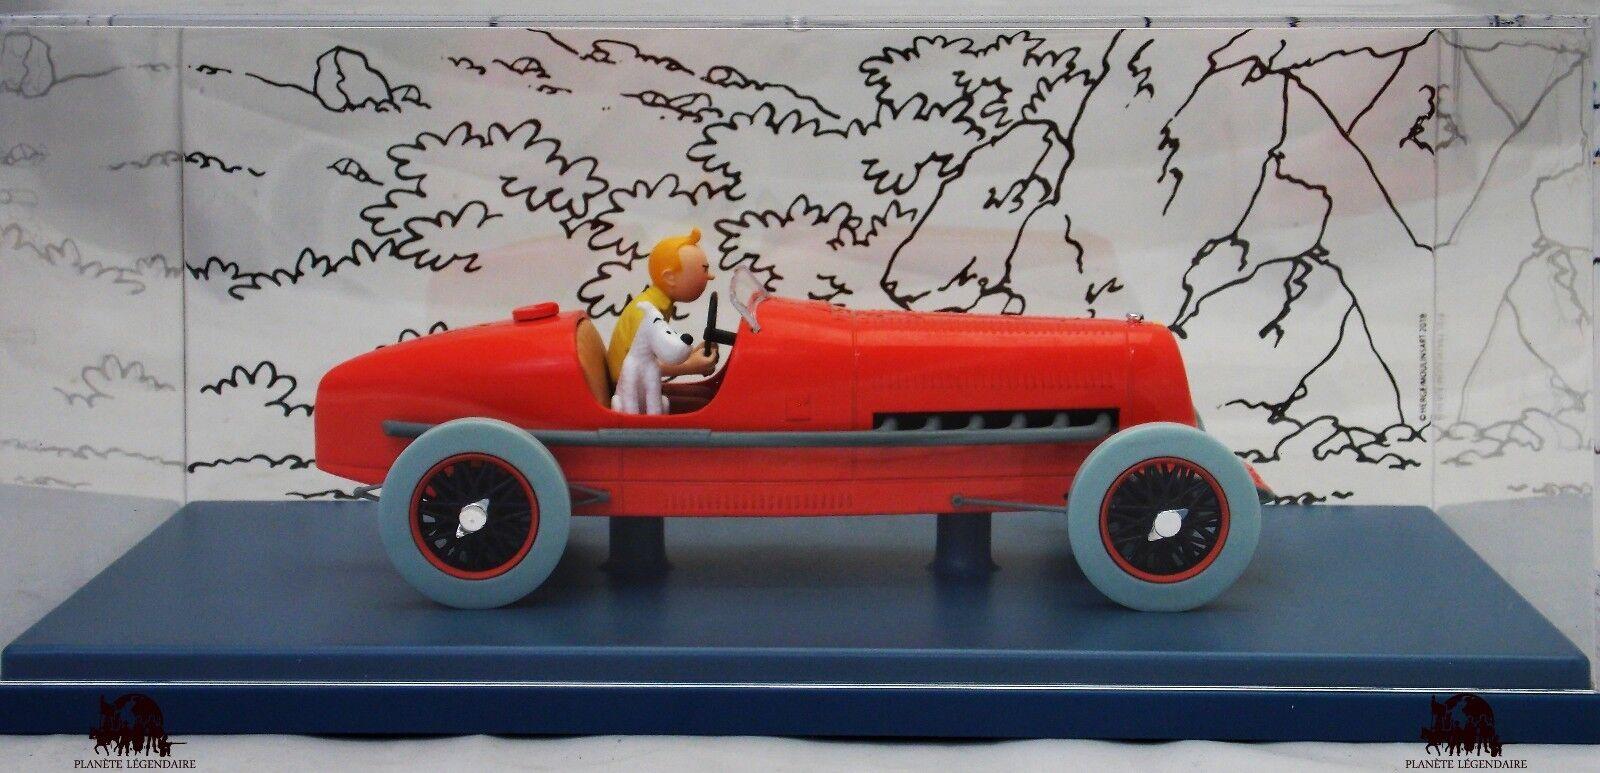 Car Auto Scale 1 24e TINTIN The Race Car Red Amilcar Cigars of Pharaoh Diecast